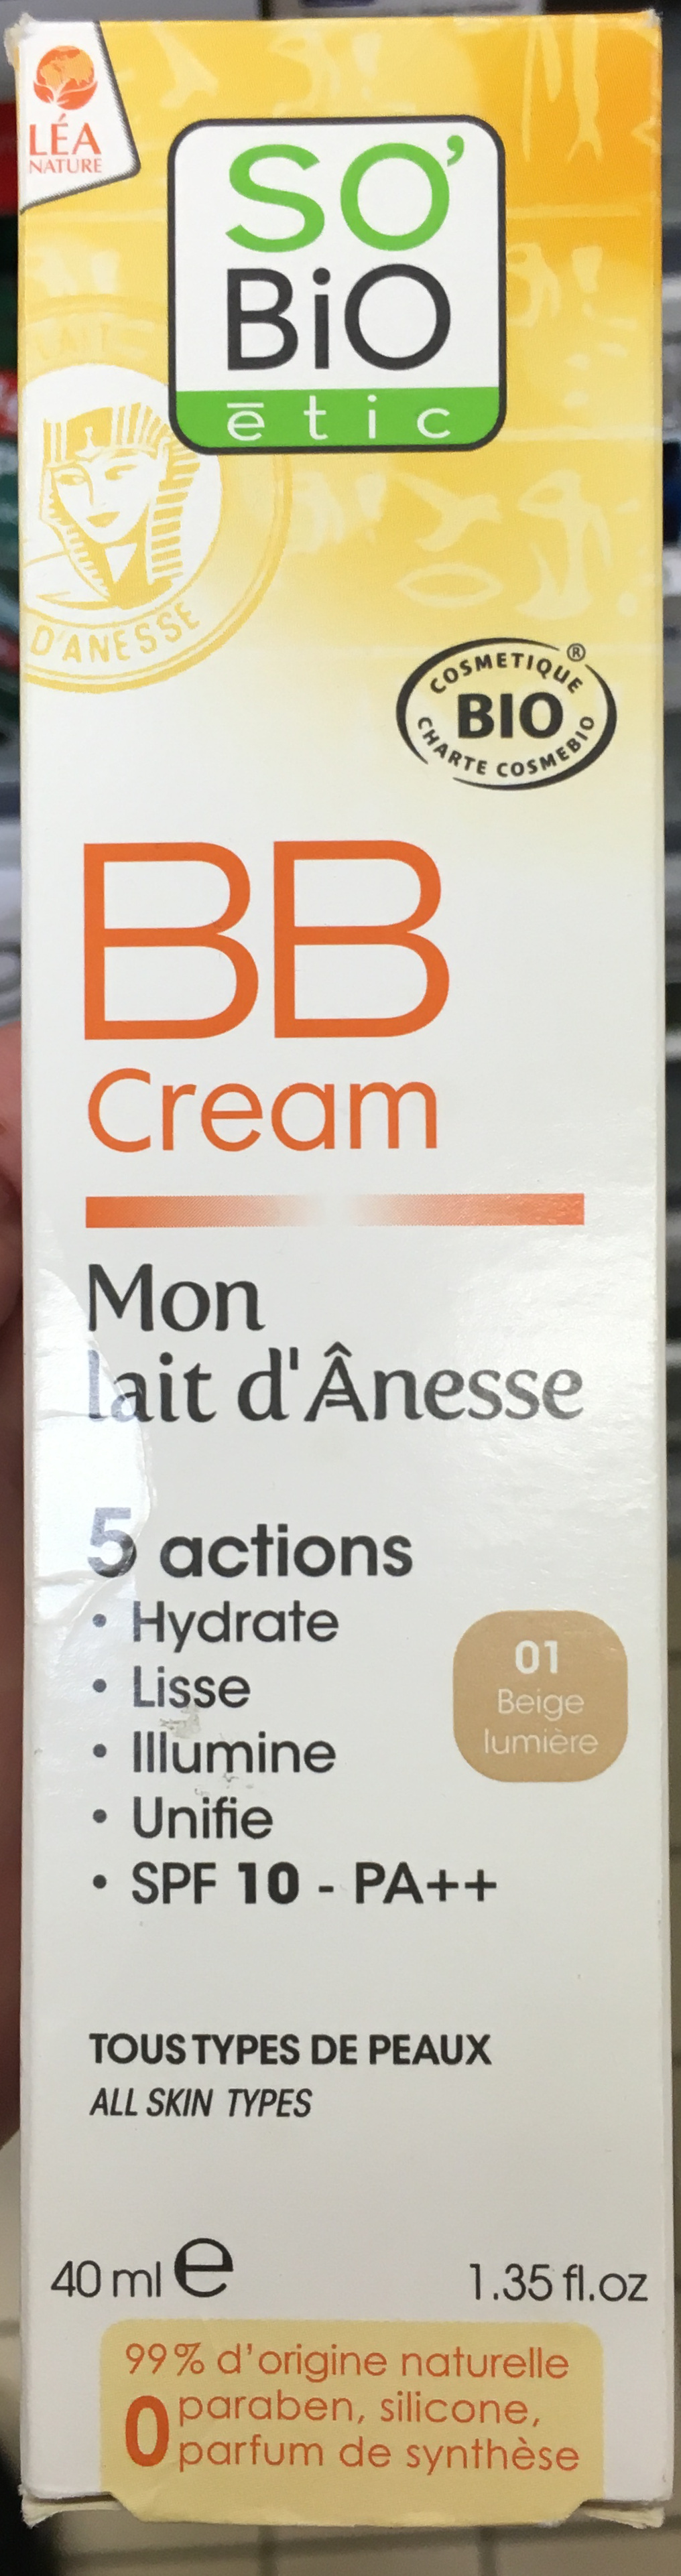 BB Cream Mon lait d'Ânesse  SPF 10 - 01 beige lumière - Produit - fr